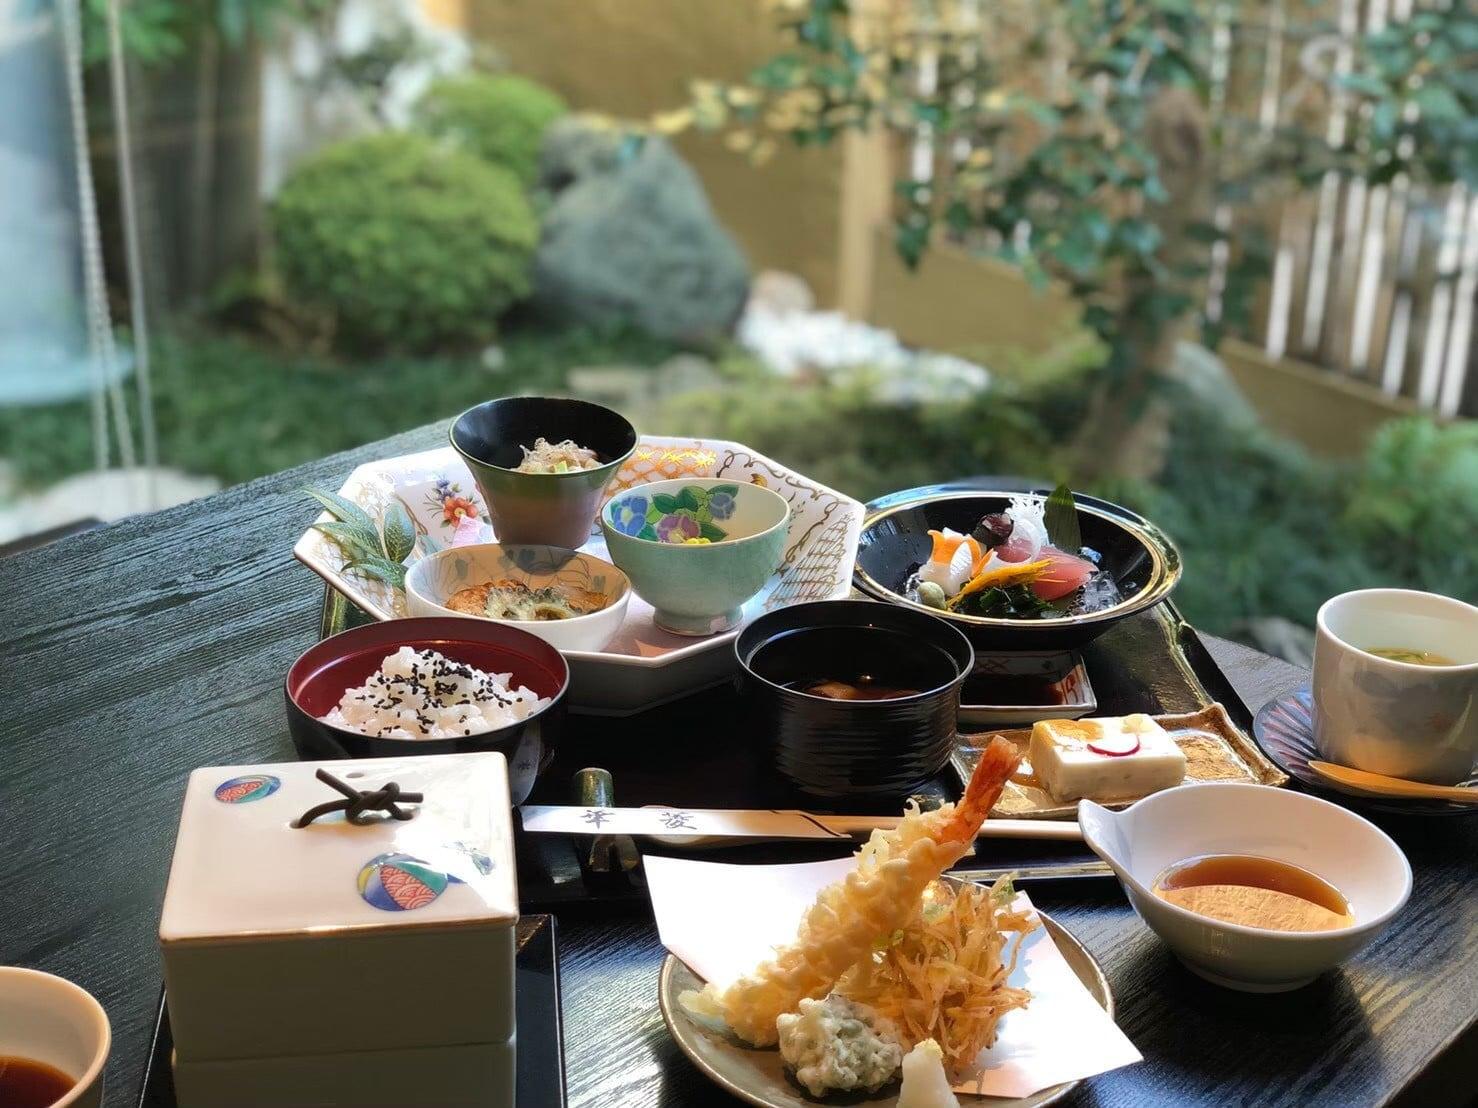 日本料理 華菱 《紹介》         注)表記上の料金(税込330円)はかかりません。ポイント(10ポイント)も対象外となります。のイメージその1